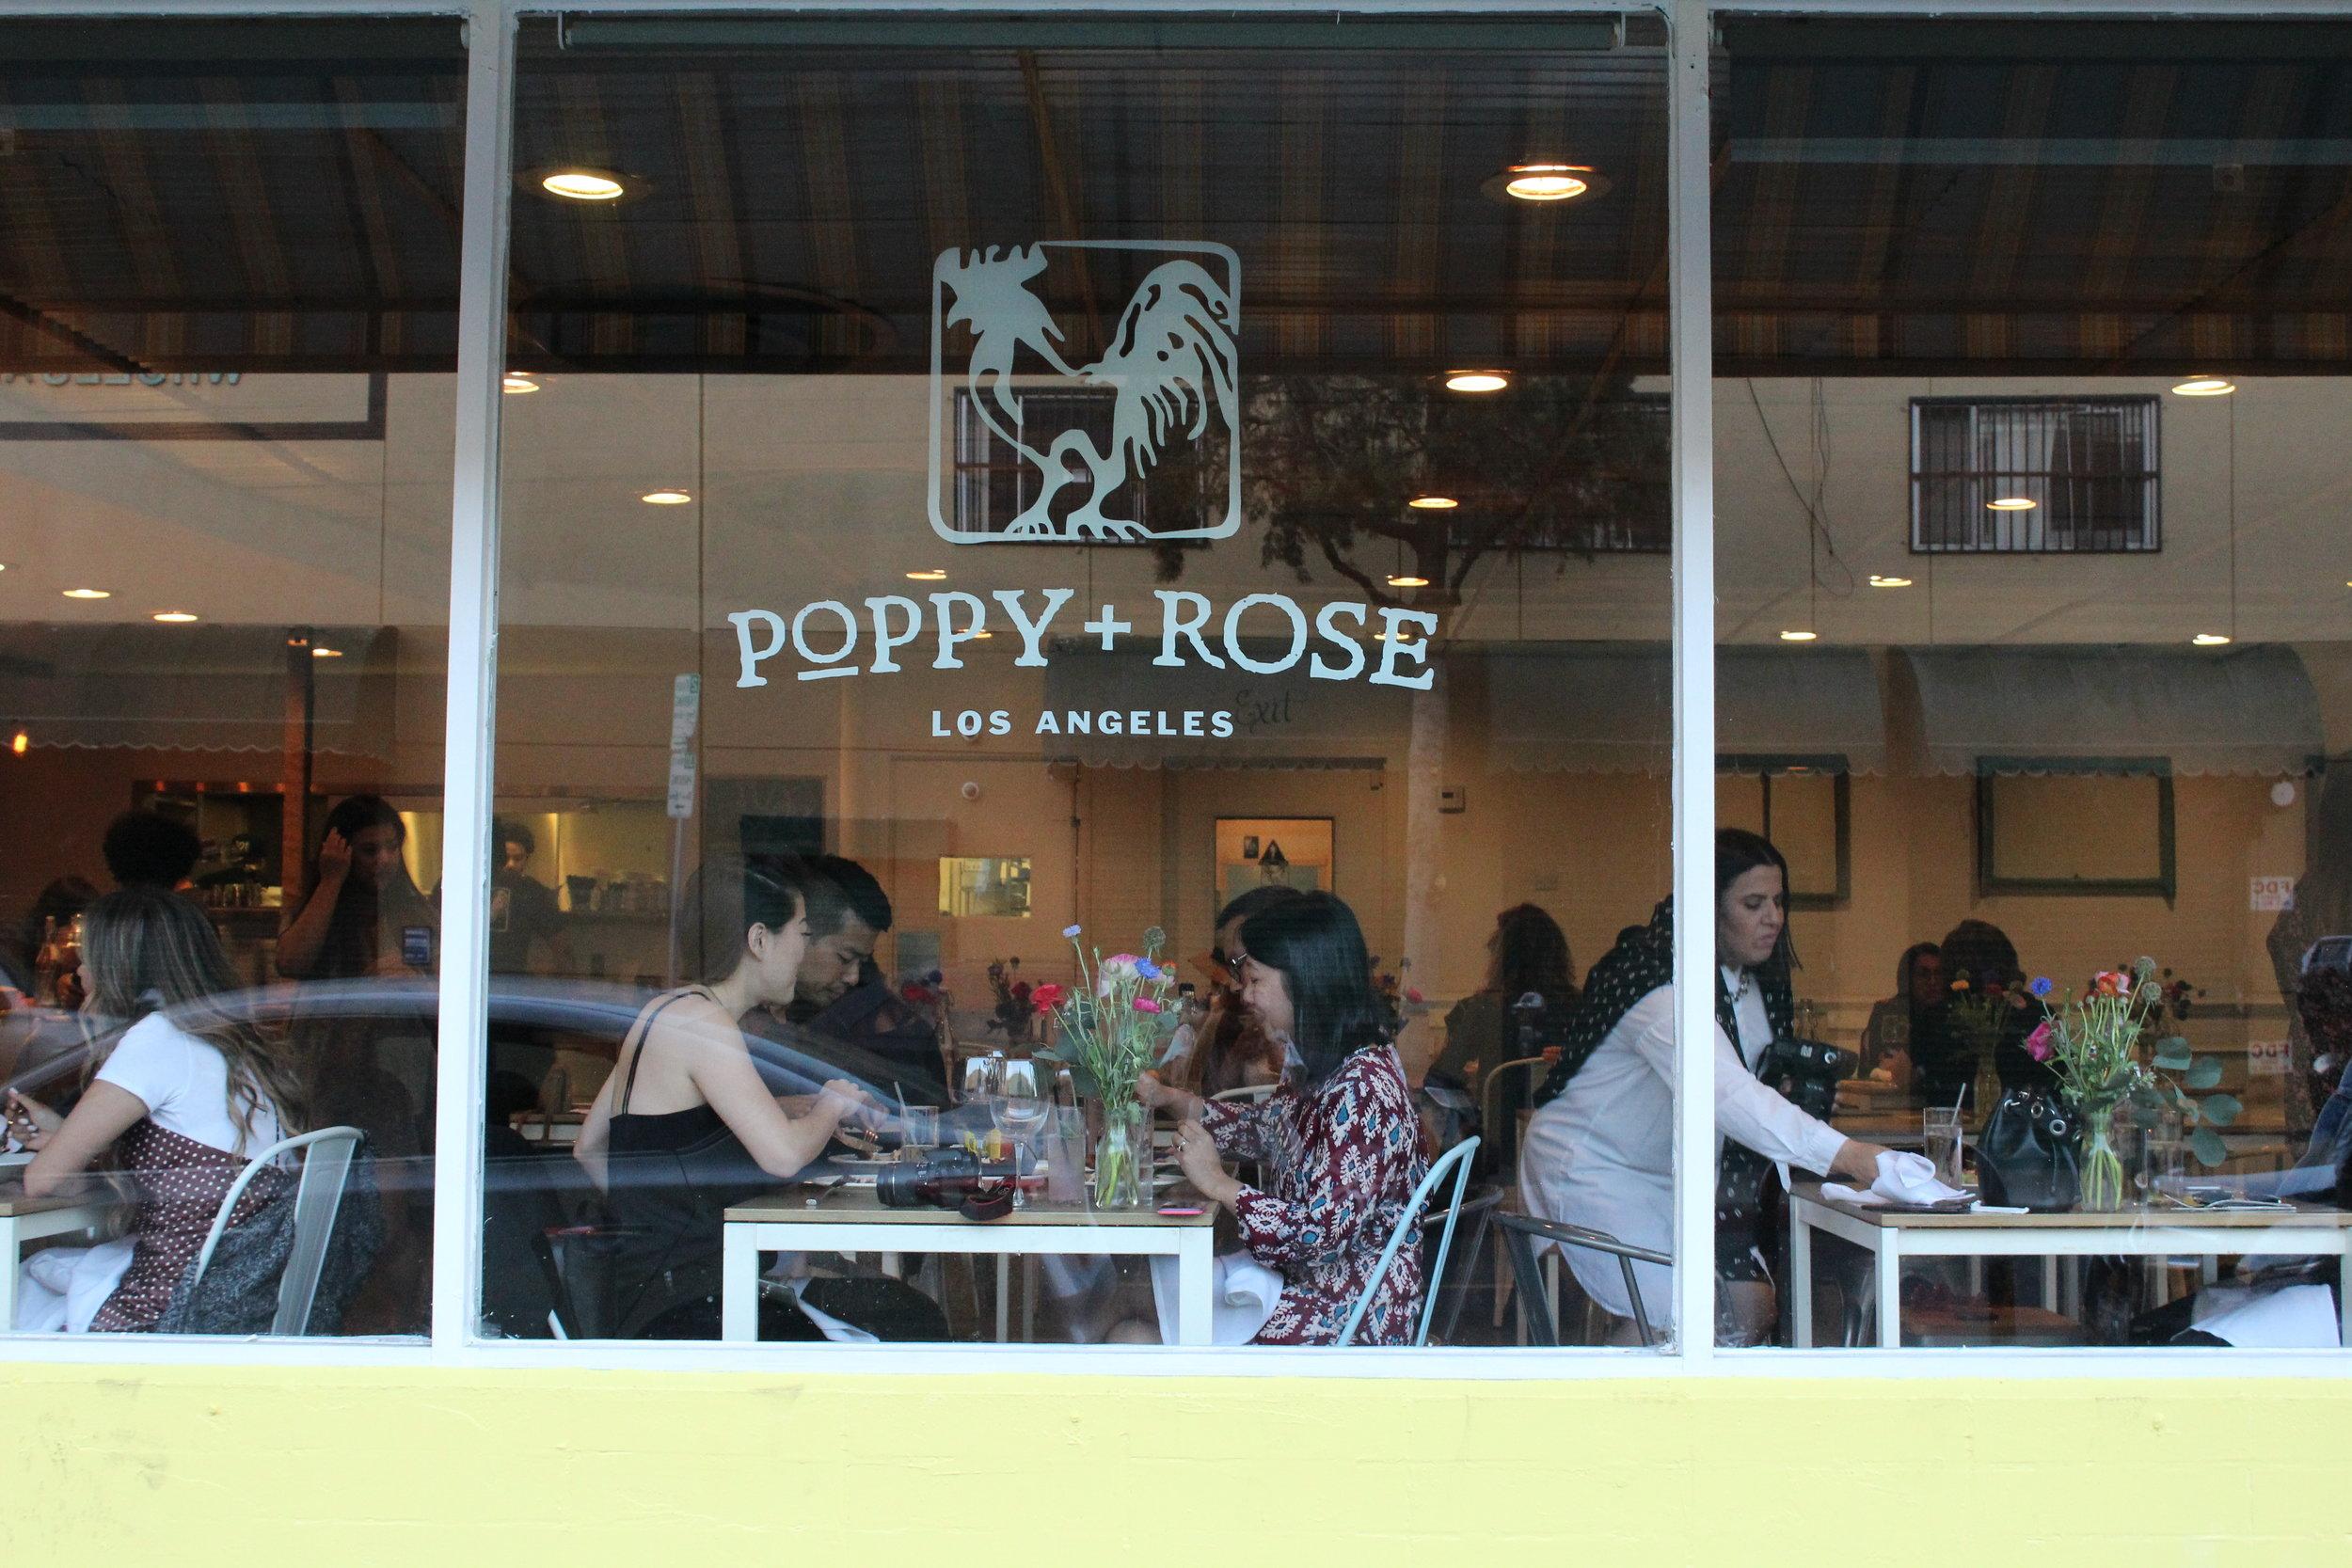 Poppy + Rose Restaurant Space